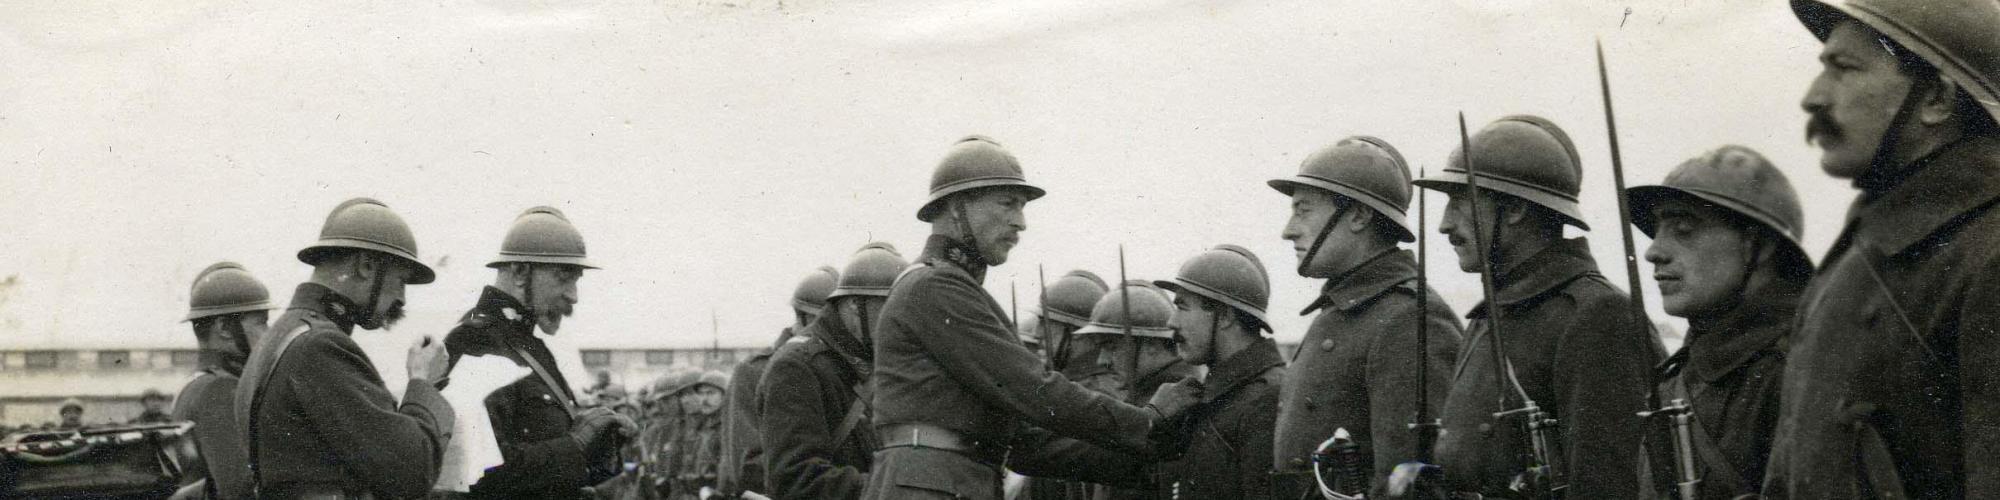 Les Soldats Belges Et Les Prisonniers De Guerre 1914 1918 Cegesoma